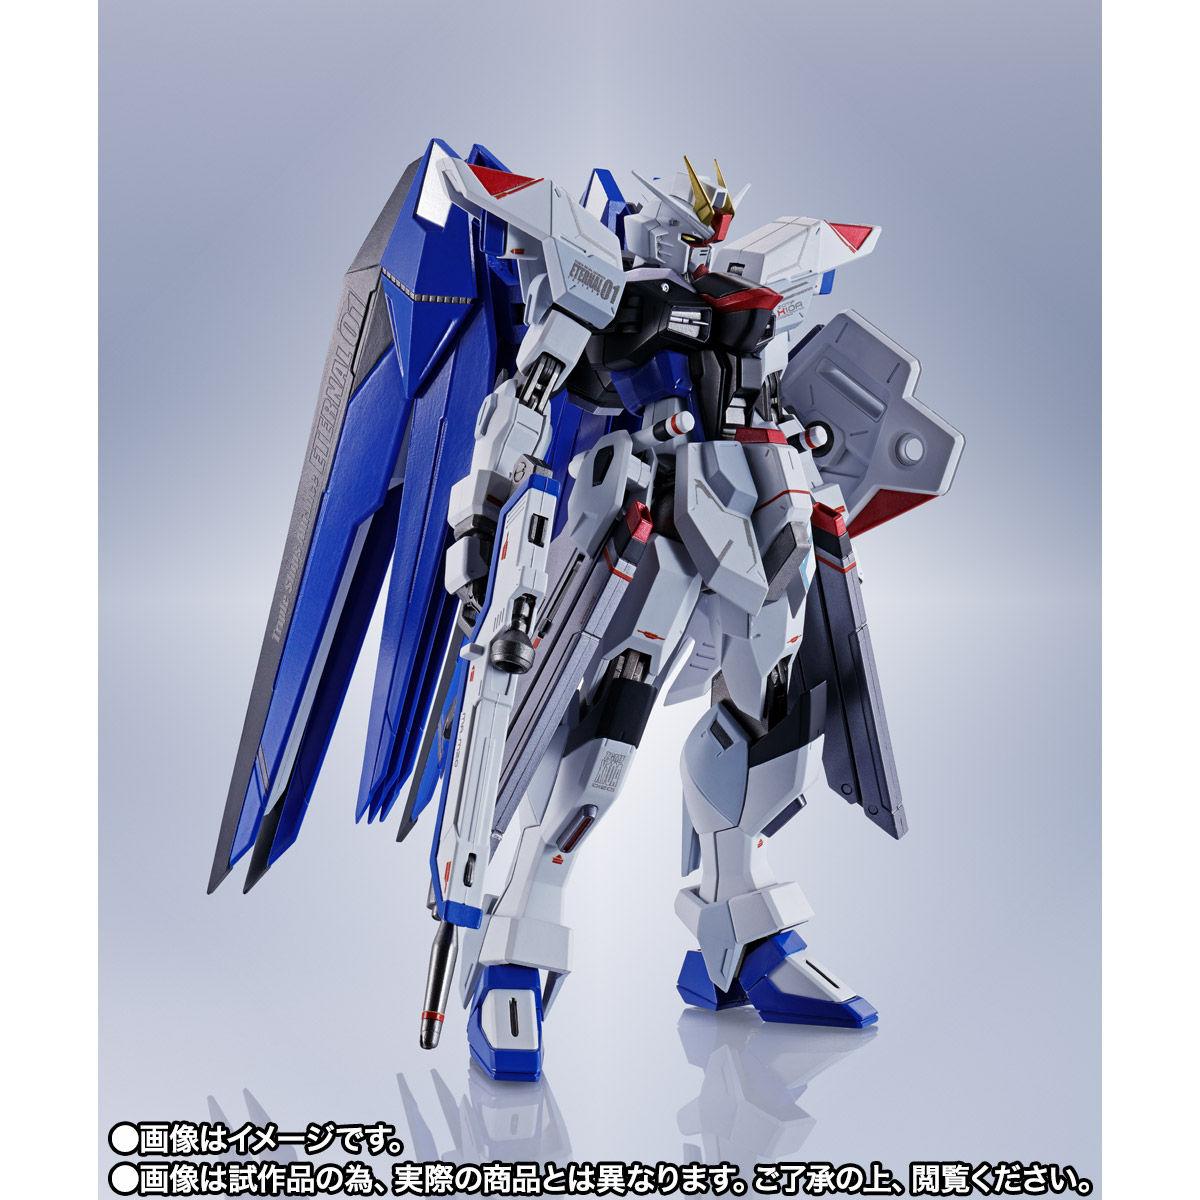 【限定販売】【再販】METAL ROBOT魂〈SIDE MS〉『フリーダムガンダム』ガンダムSEED 可動フィギュア-002